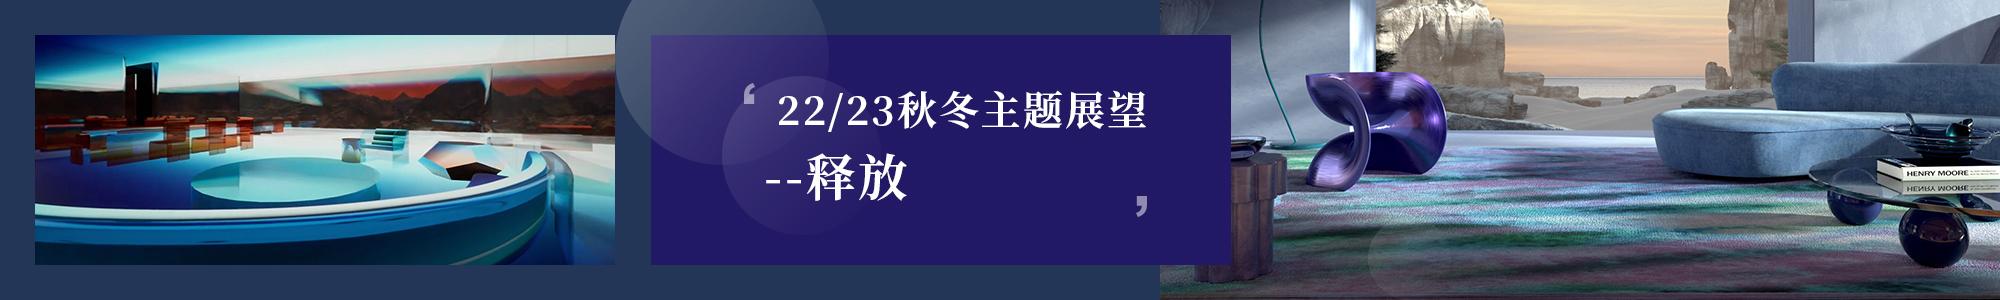 22/23秋冬主题展望--释放